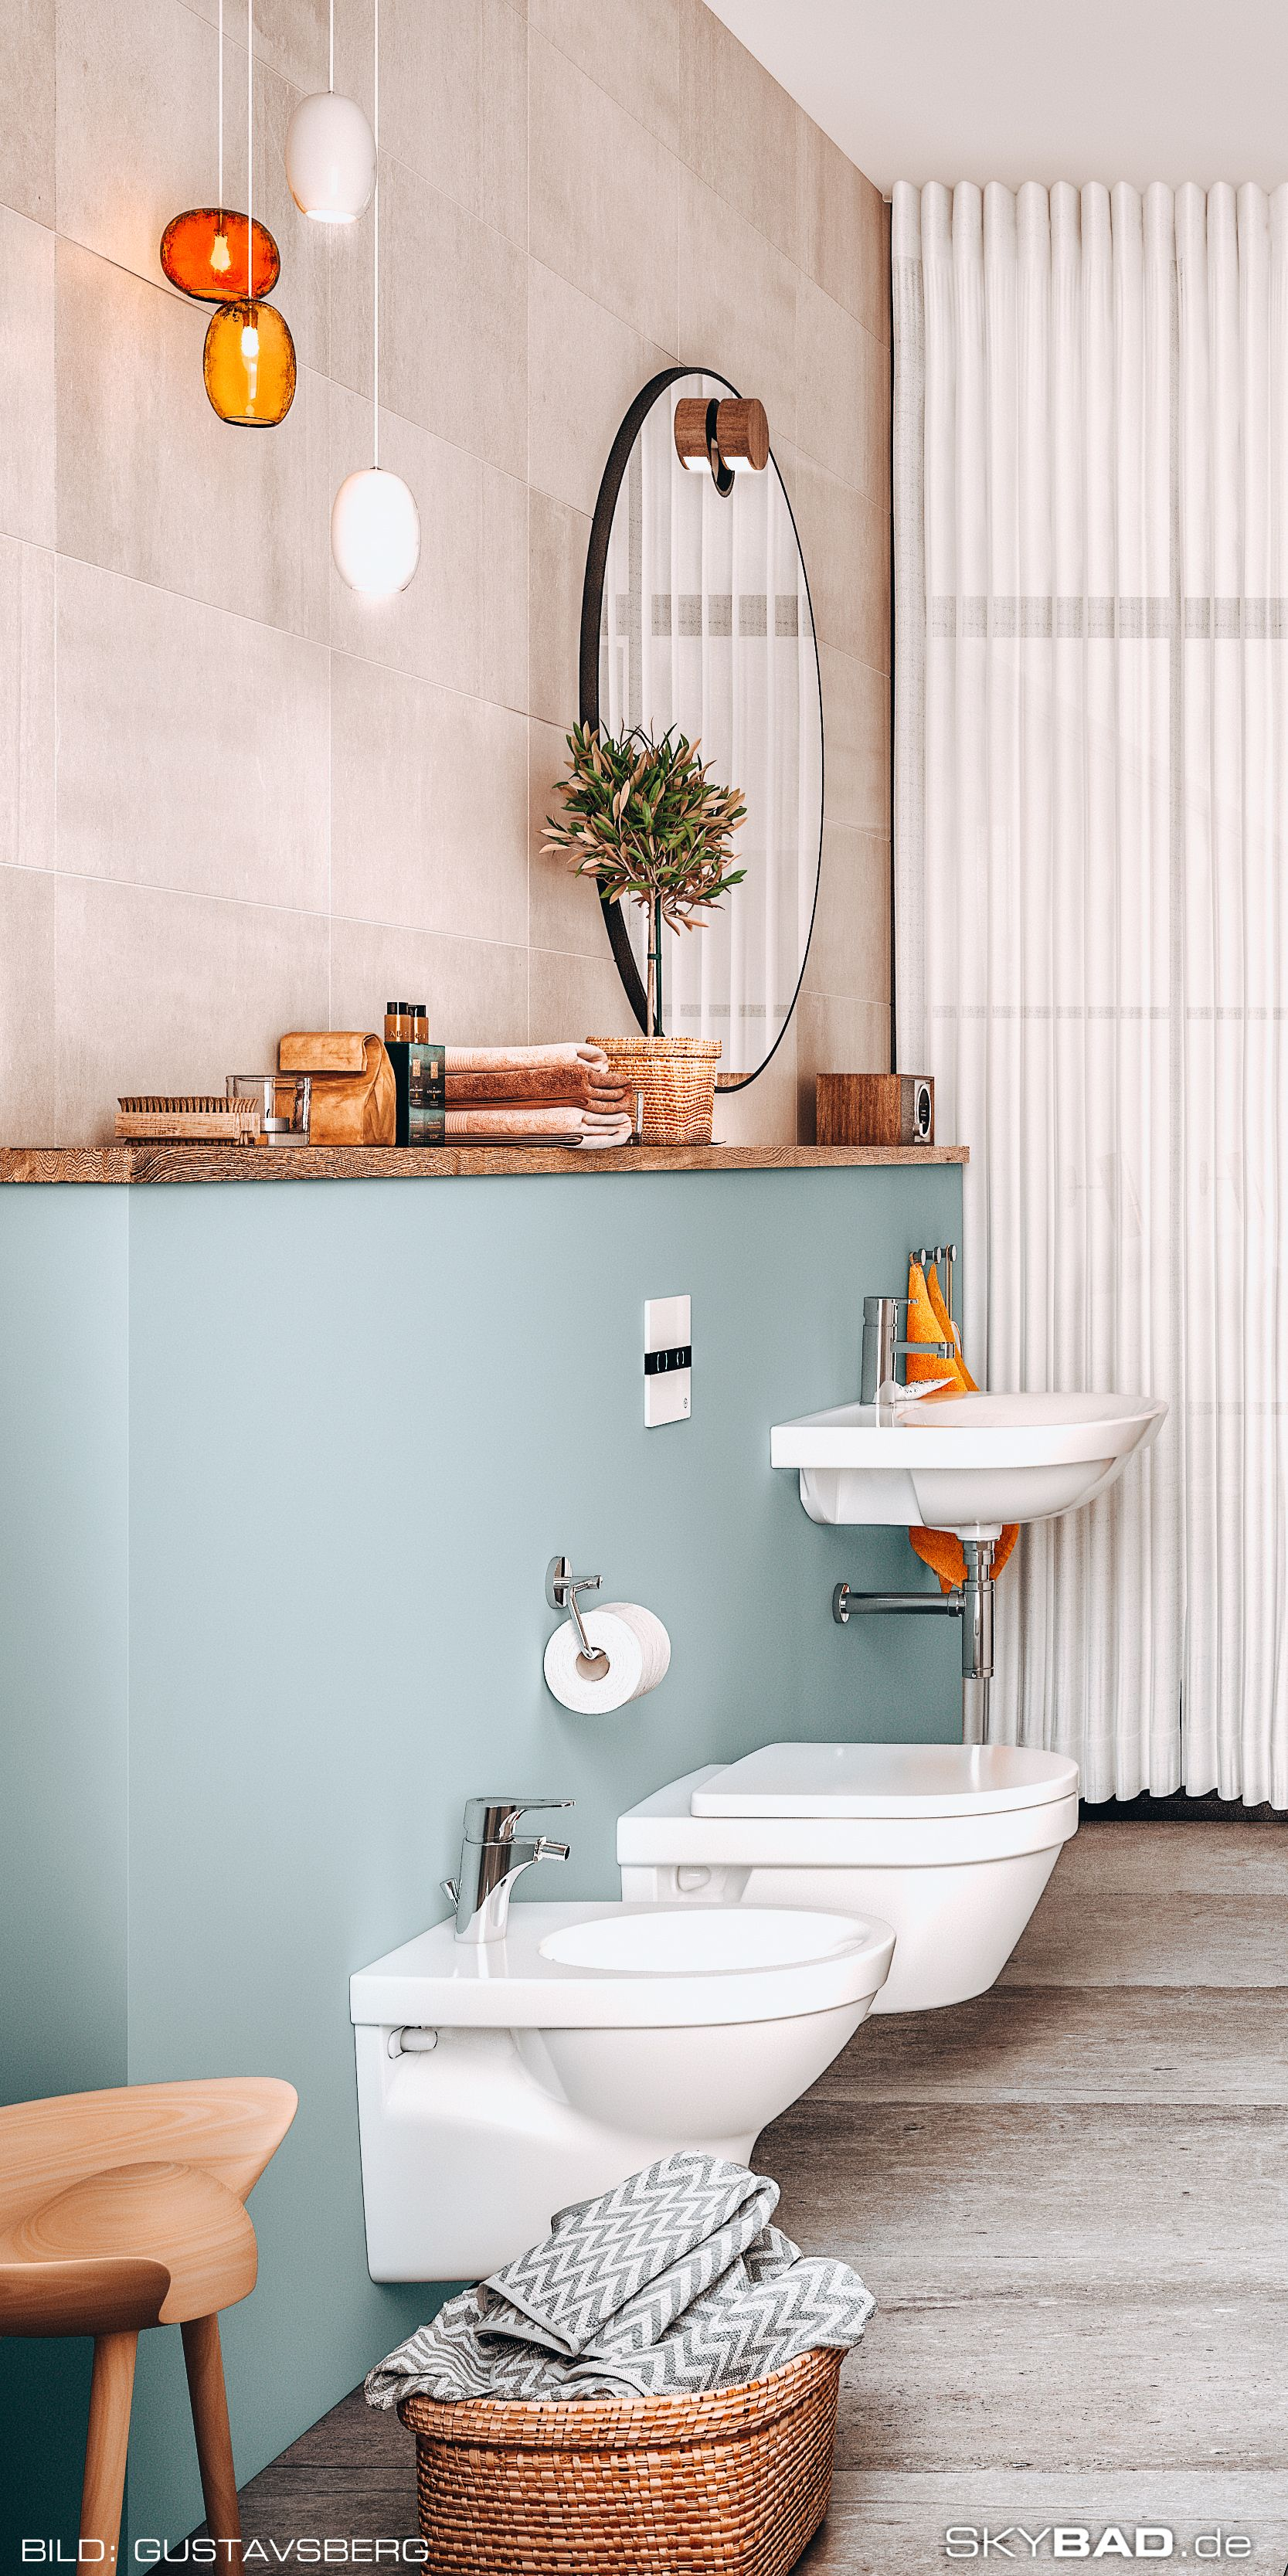 Ideen Und Inspiration Zum Verschonern Dekorieren Und Schmucken Des Badezimmers Mit Rundem Vintage Spiegel In 2020 Badezimmer Mit Schrage Kleine Badezimmer Badezimmer